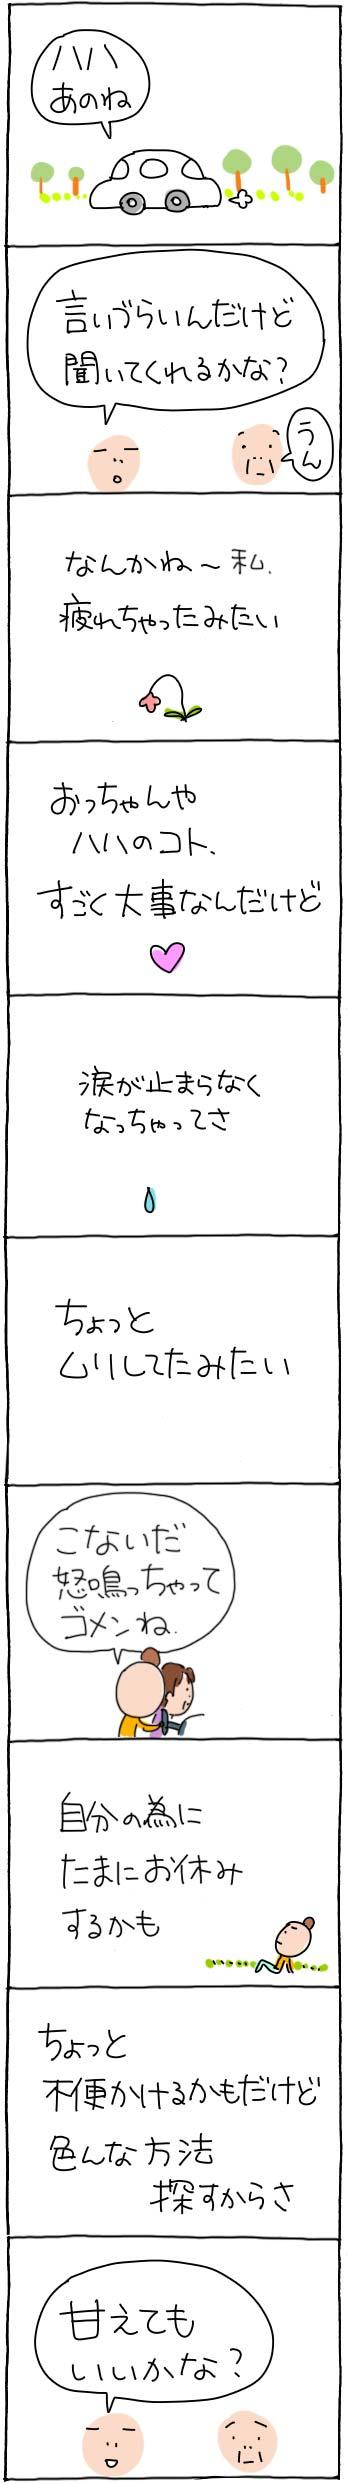 Y子とハハ001